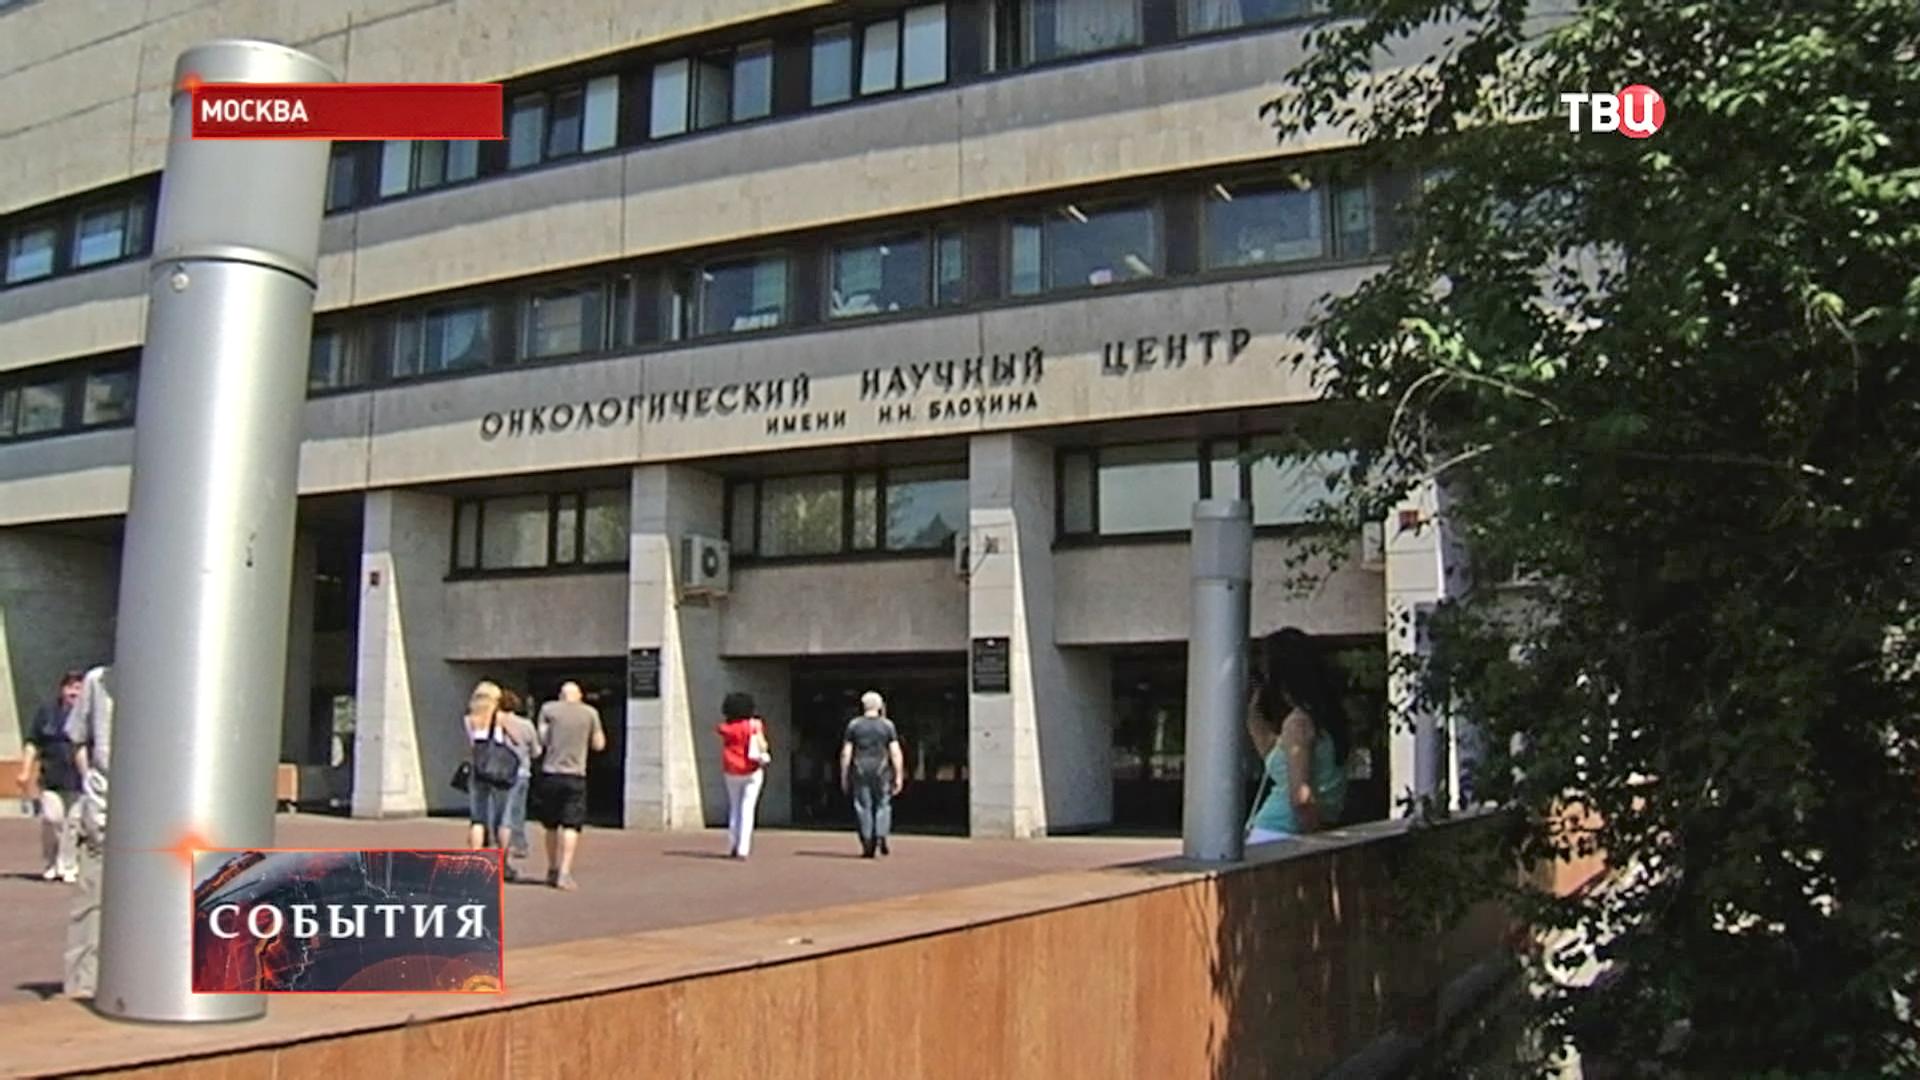 Онкологический научный центр